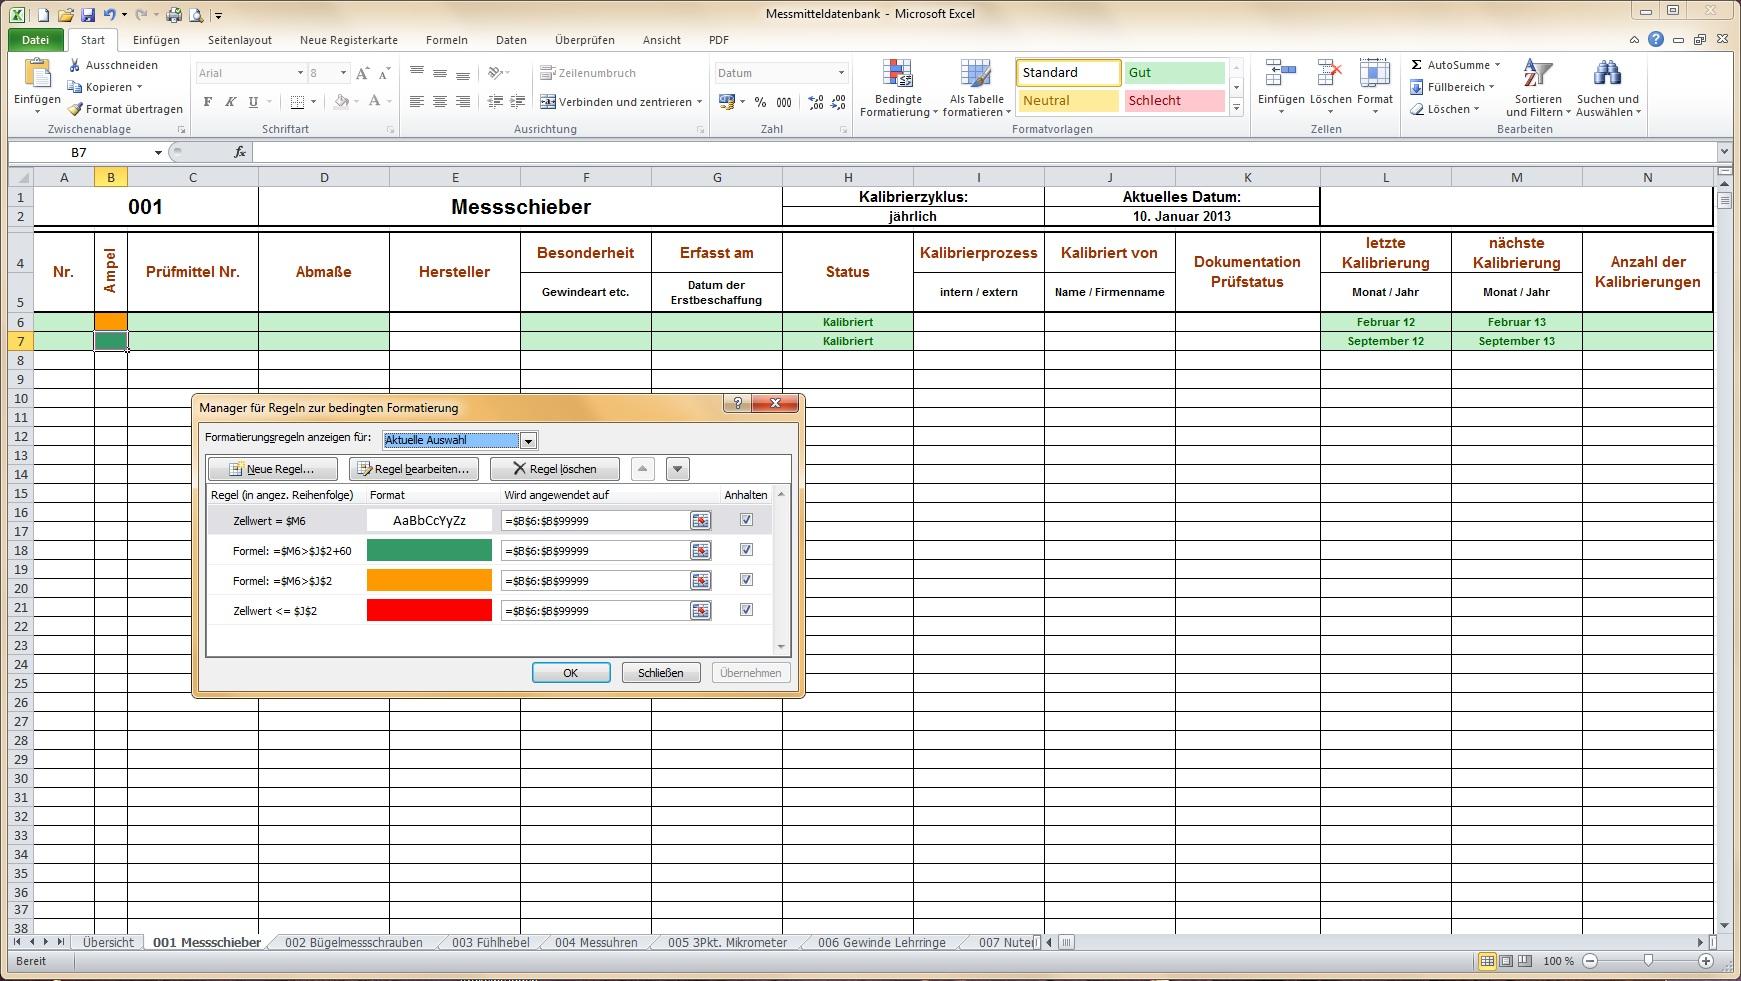 Tabellenblatt Excel Englisch : Excel vba tabellenblatt name ändern werte in